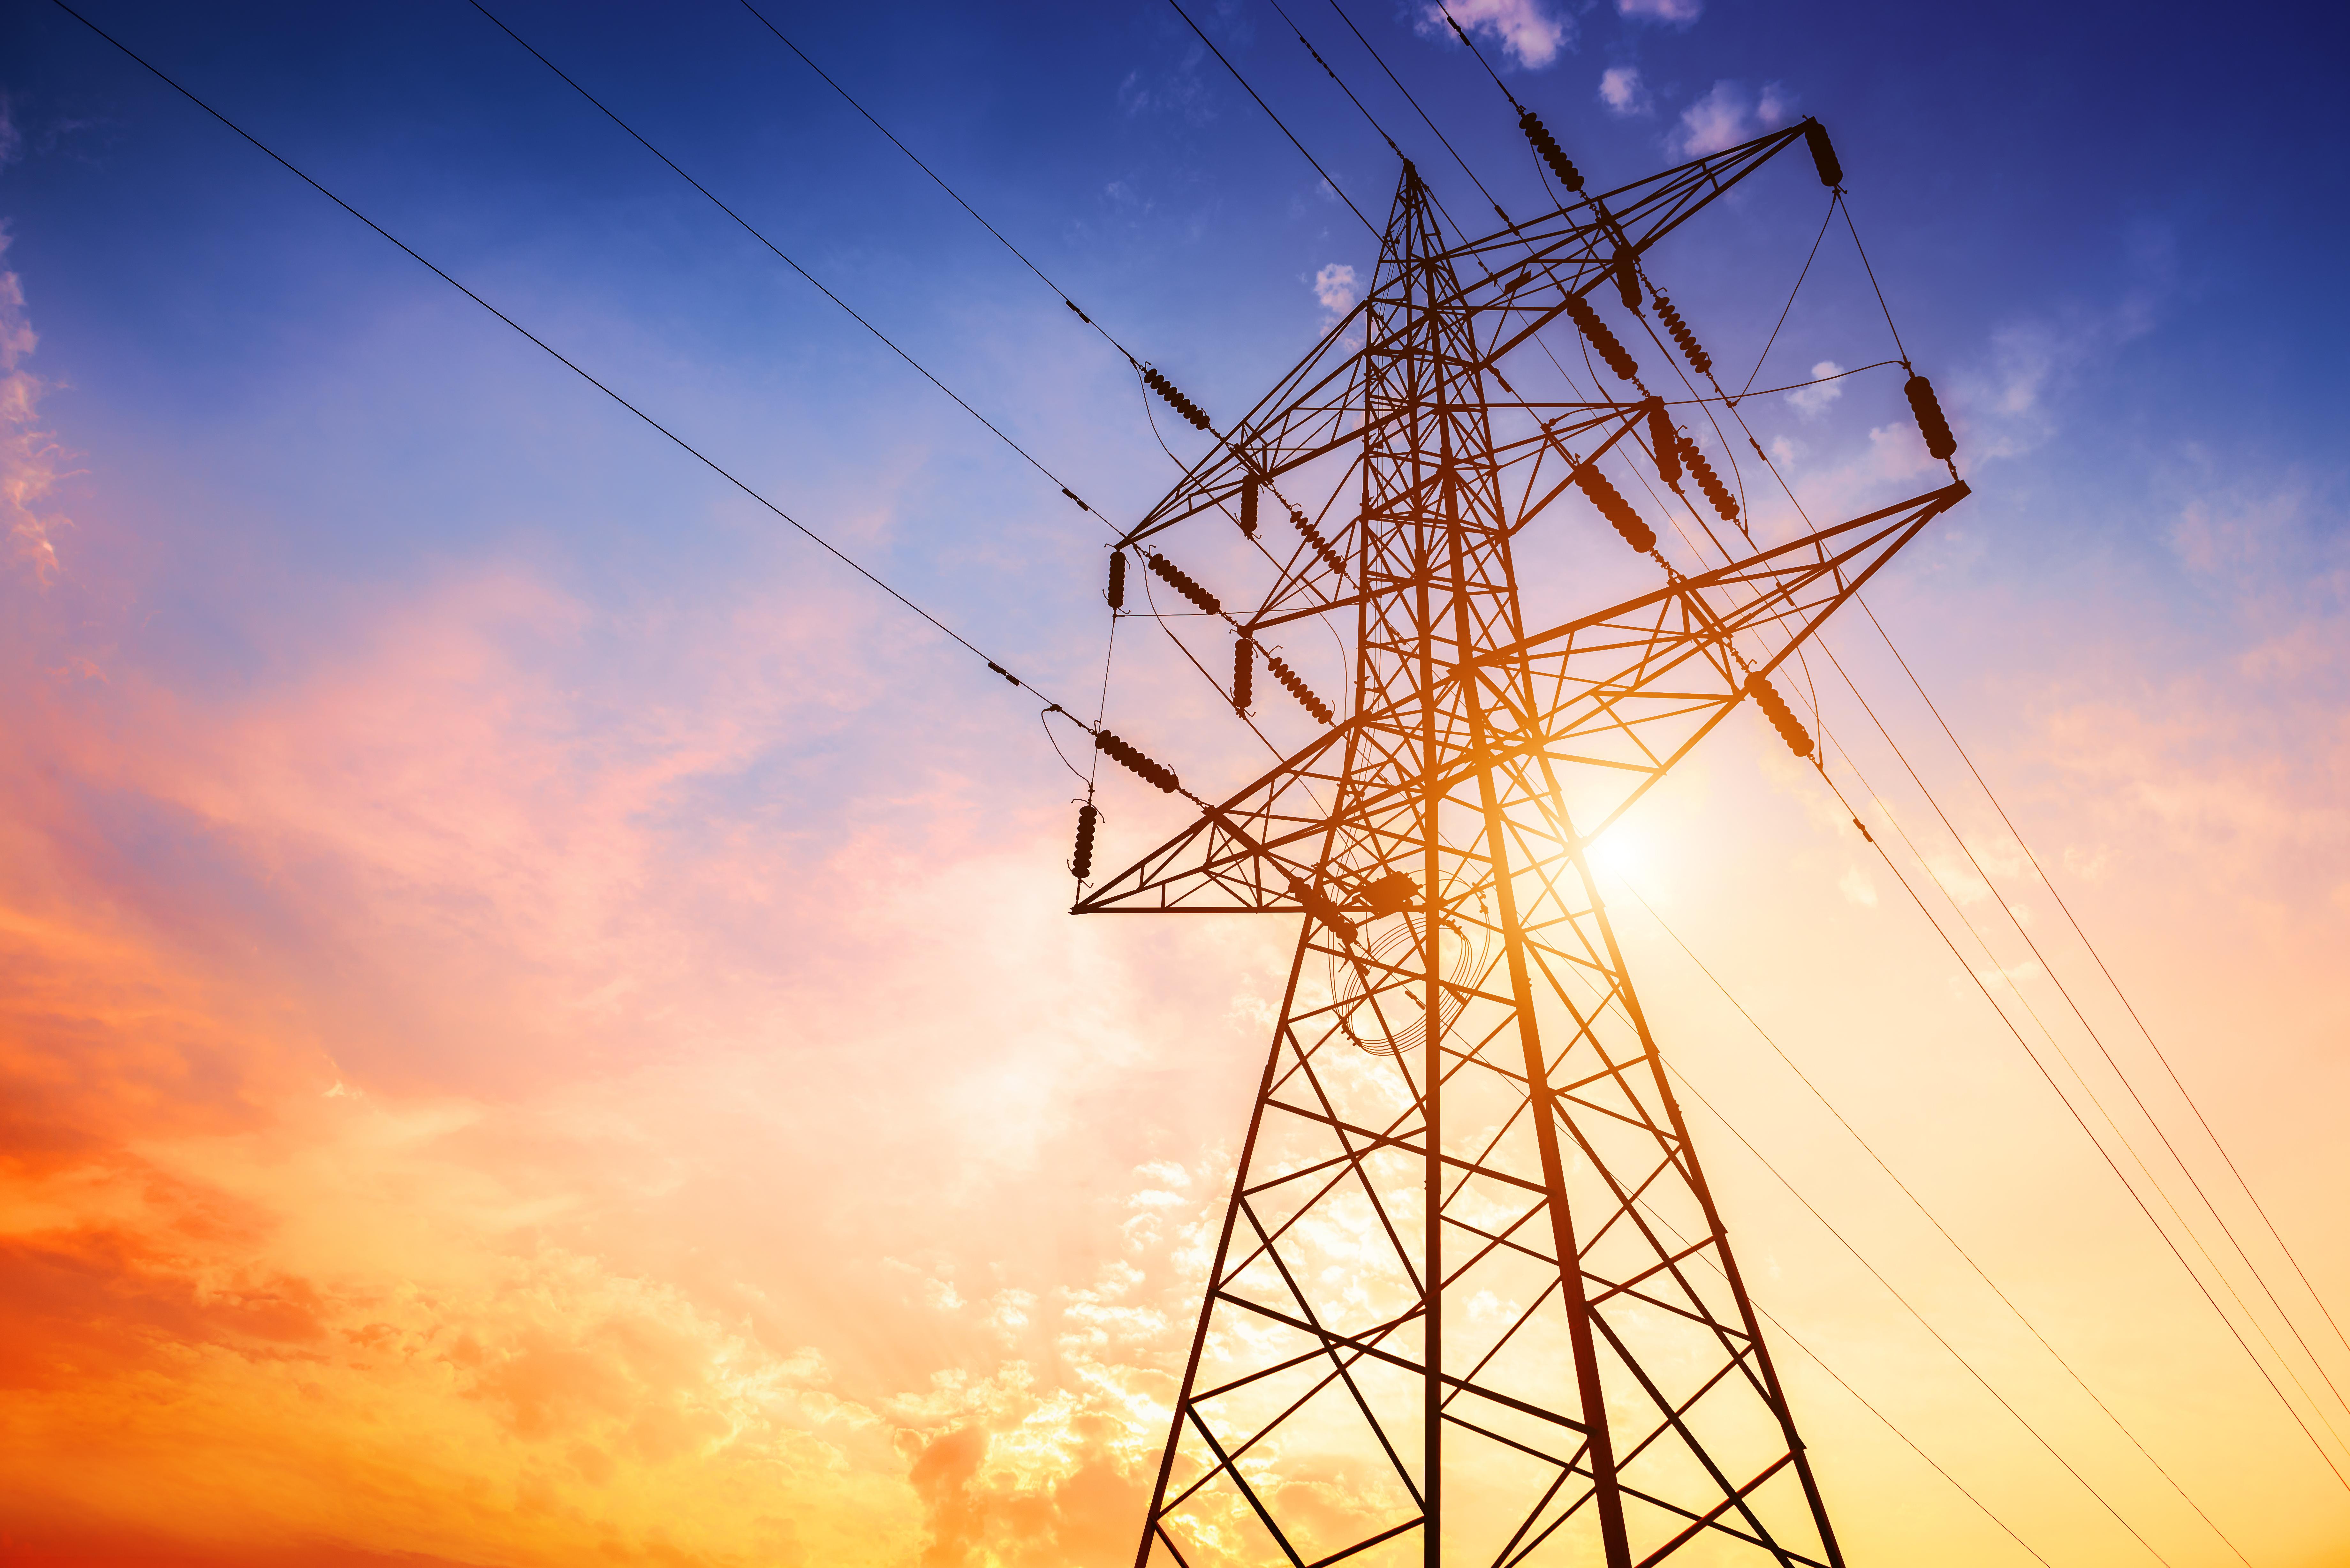 ACUE: Intervenţia autorităţilor în formarea preţurilor periclitează întregul sistem energetic